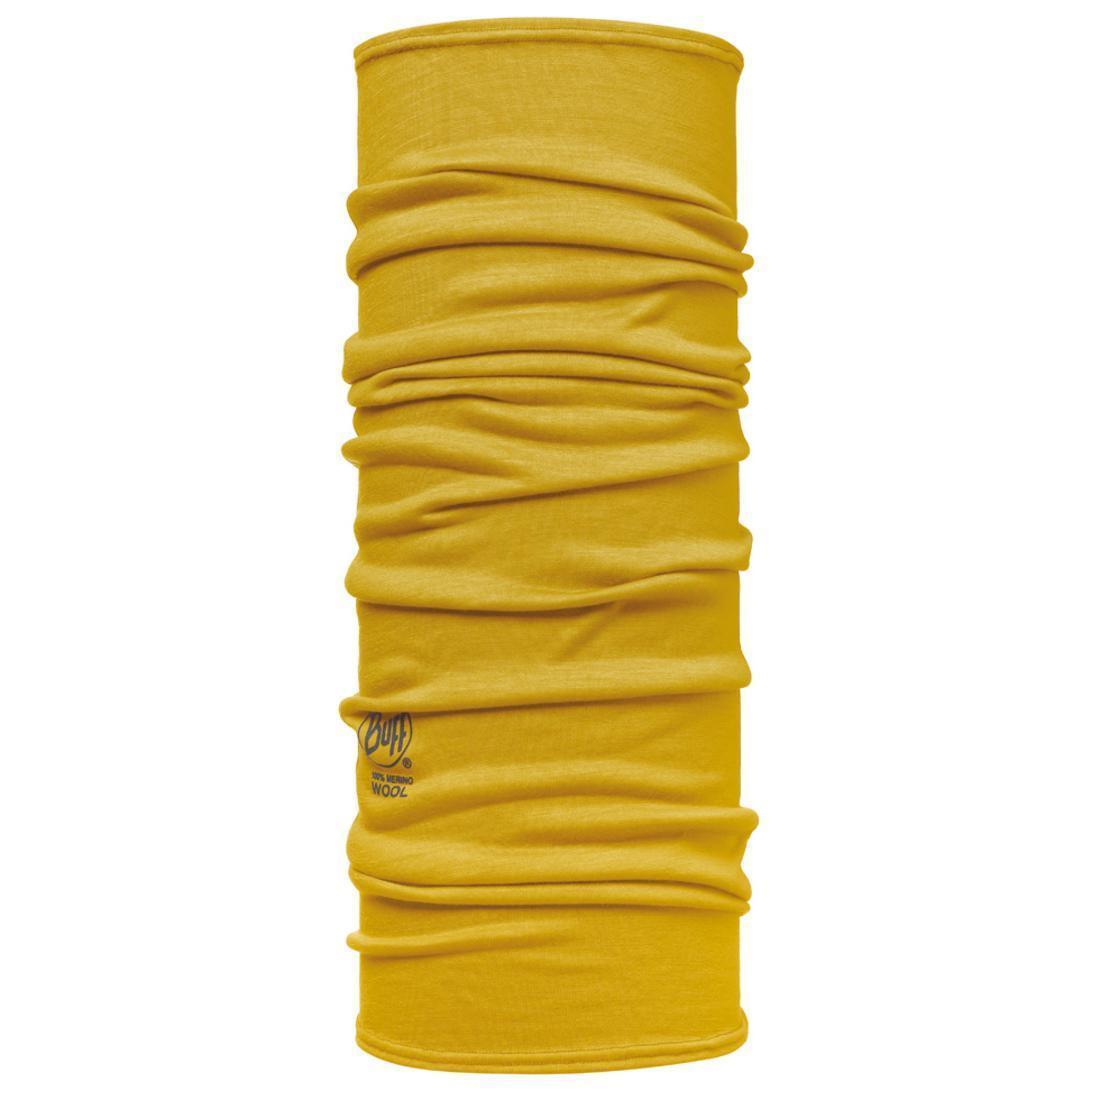 Бандана BUFF Wool Plain WOOL GOLDEN PALM Банданы и шарфы Buff ® 1079873  - купить со скидкой